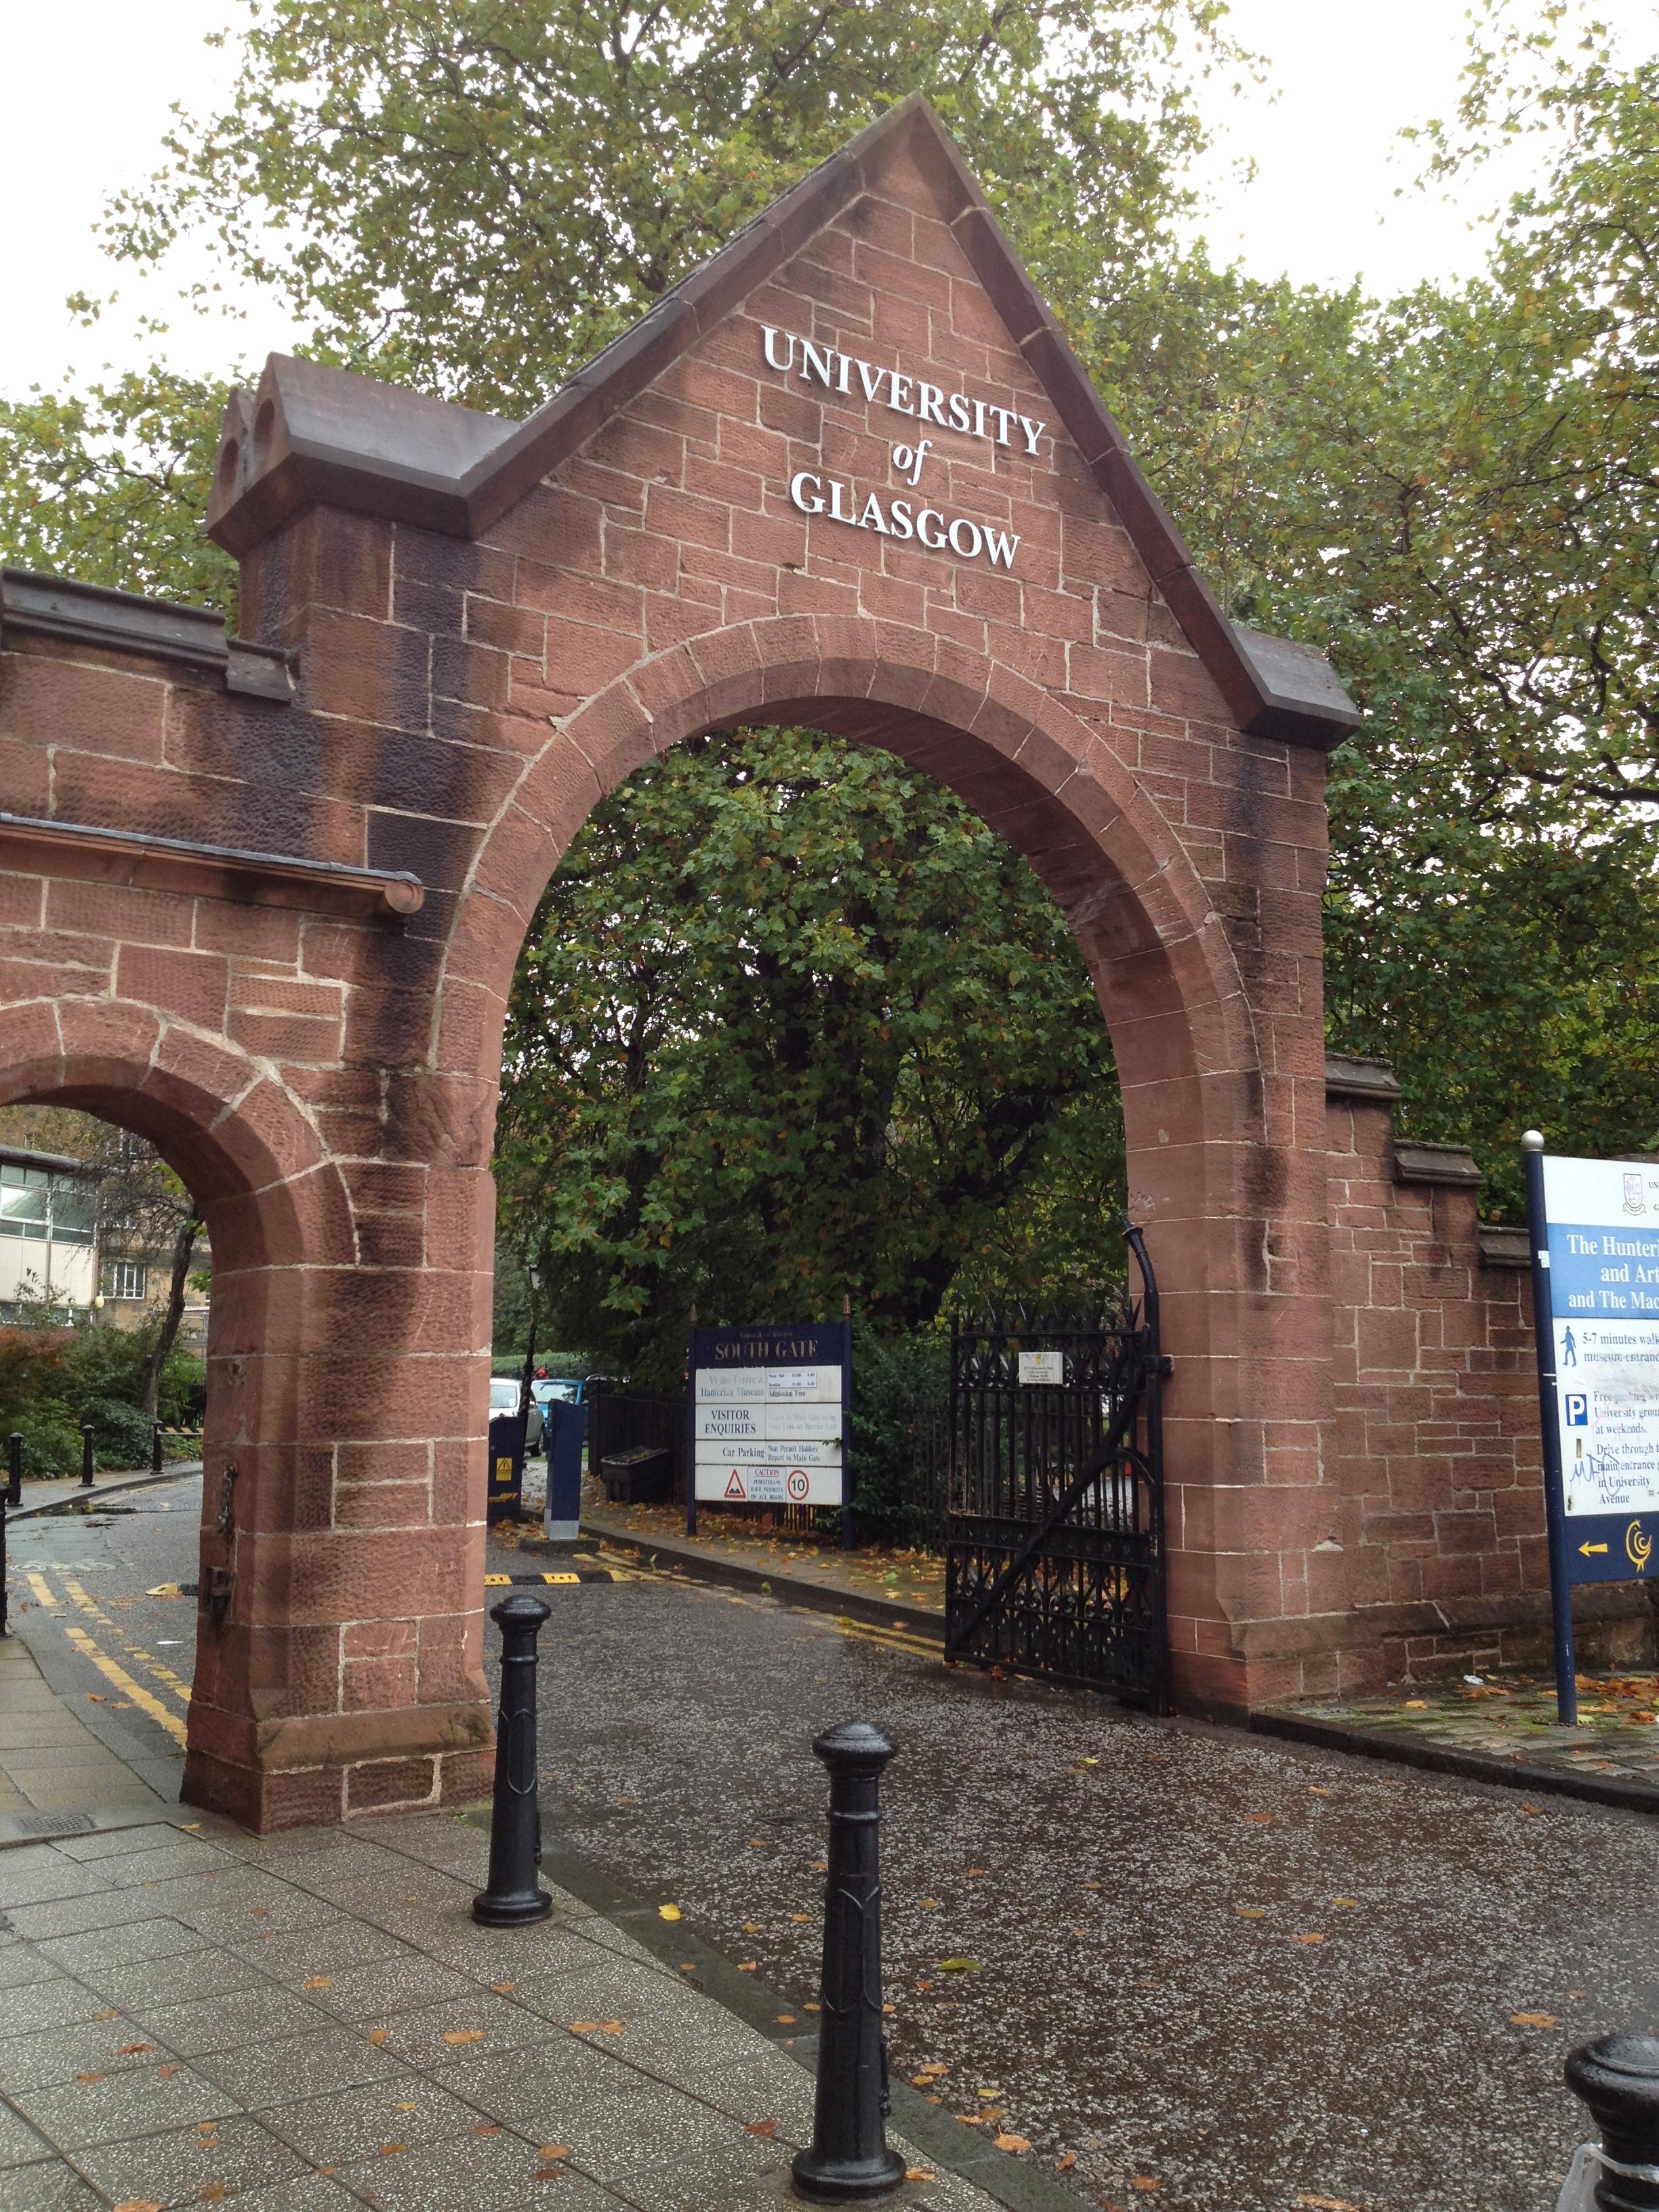 Glasgow University - Copy - Copy